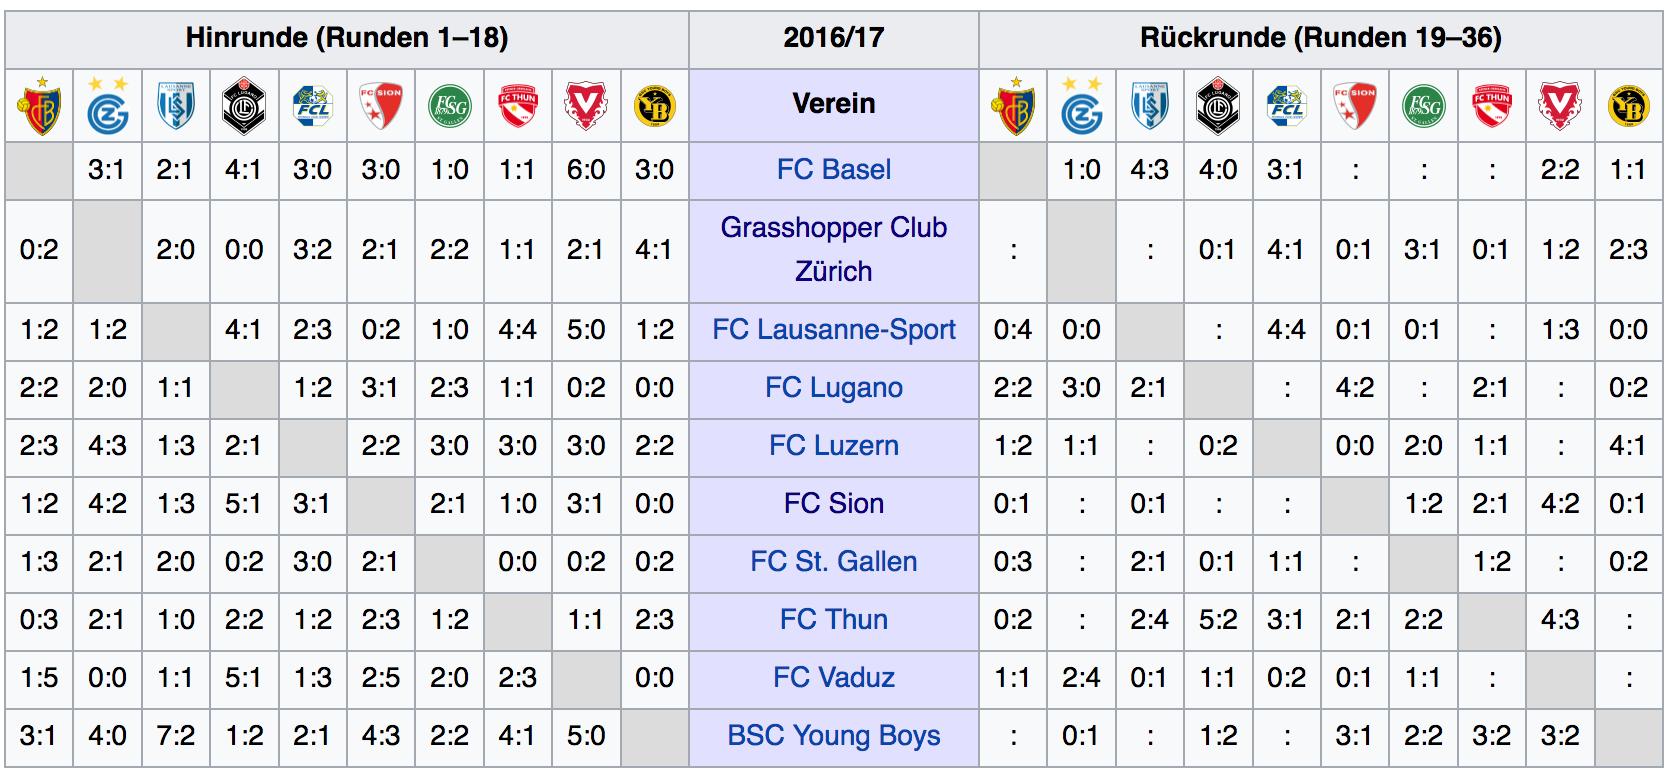 Die Kreuztabelle der Super League zeigt: Der FC Thun ist der Tolggen im Reinheft der Heimspiele des FCB in der ersten Saisonhälfte.